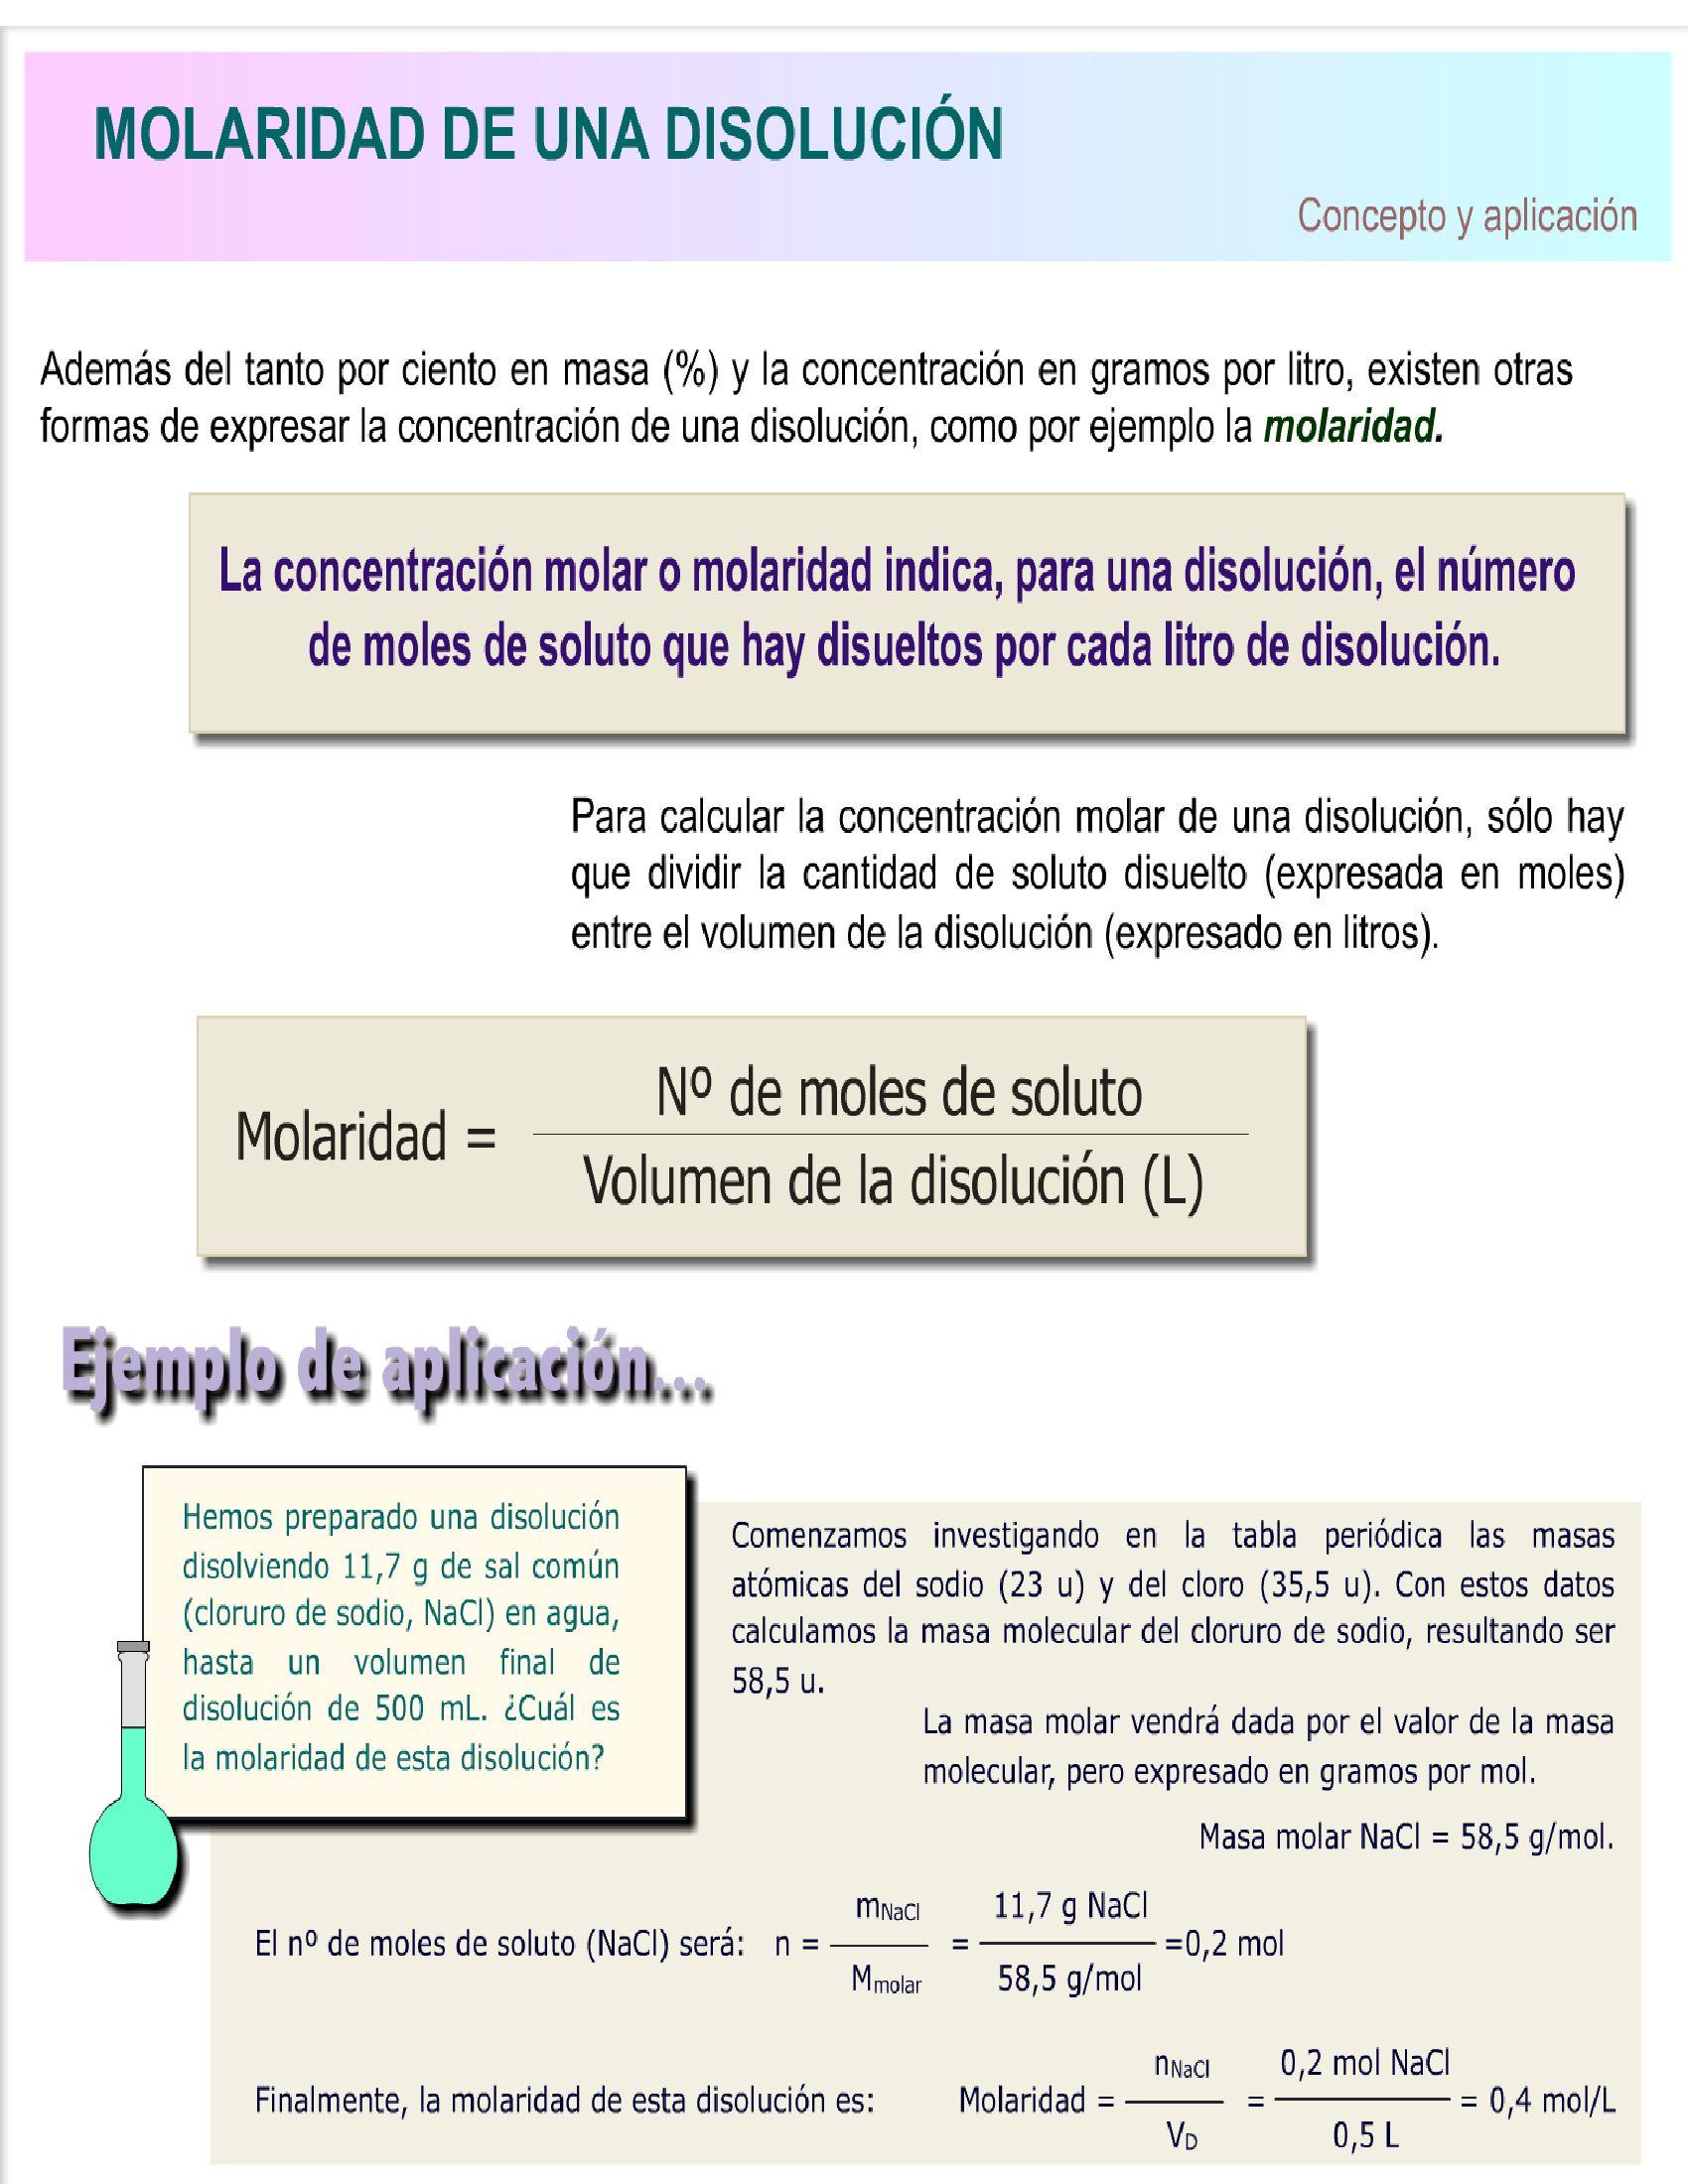 Pin De Claudia Garzon En Soluciones Molaridad Anatomia Patologica Ciencias De La Salud Química